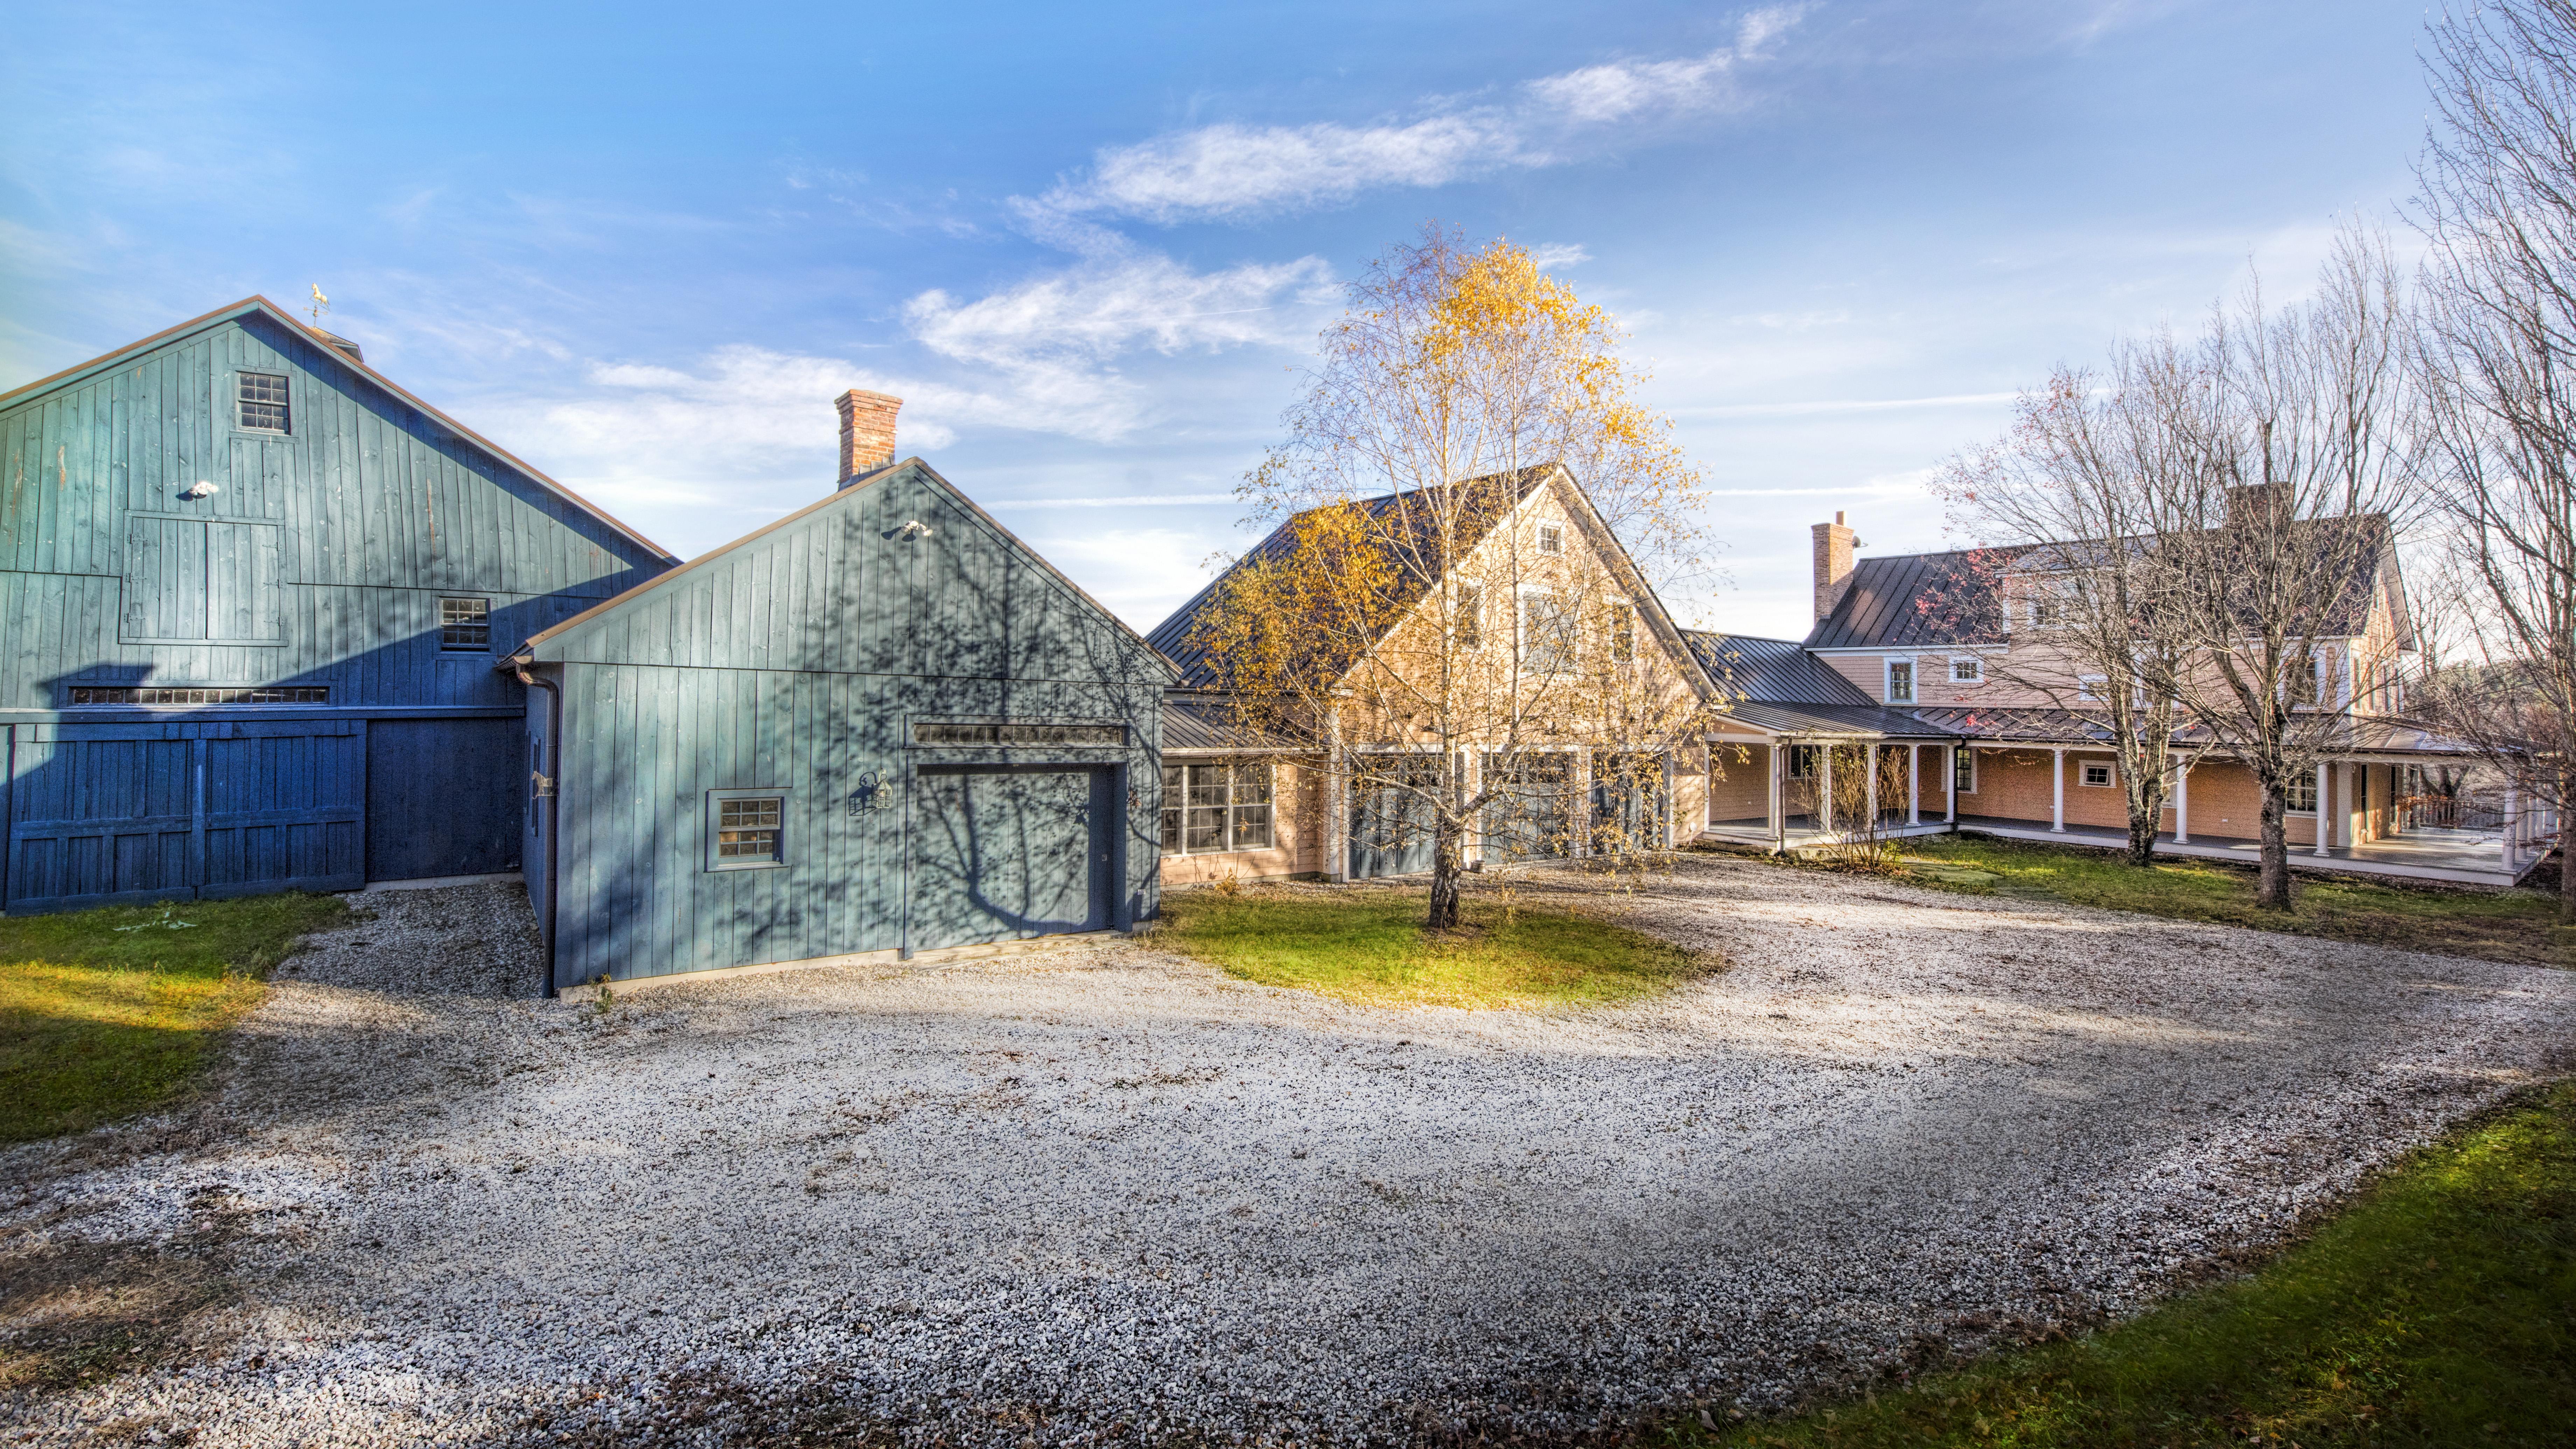 Villa per Vendita alle ore Outstanding 103 Acre Horse Farm with Many Terrific Features 92 North Rd Chesterfield, Massachusetts, 01012 Stati Uniti